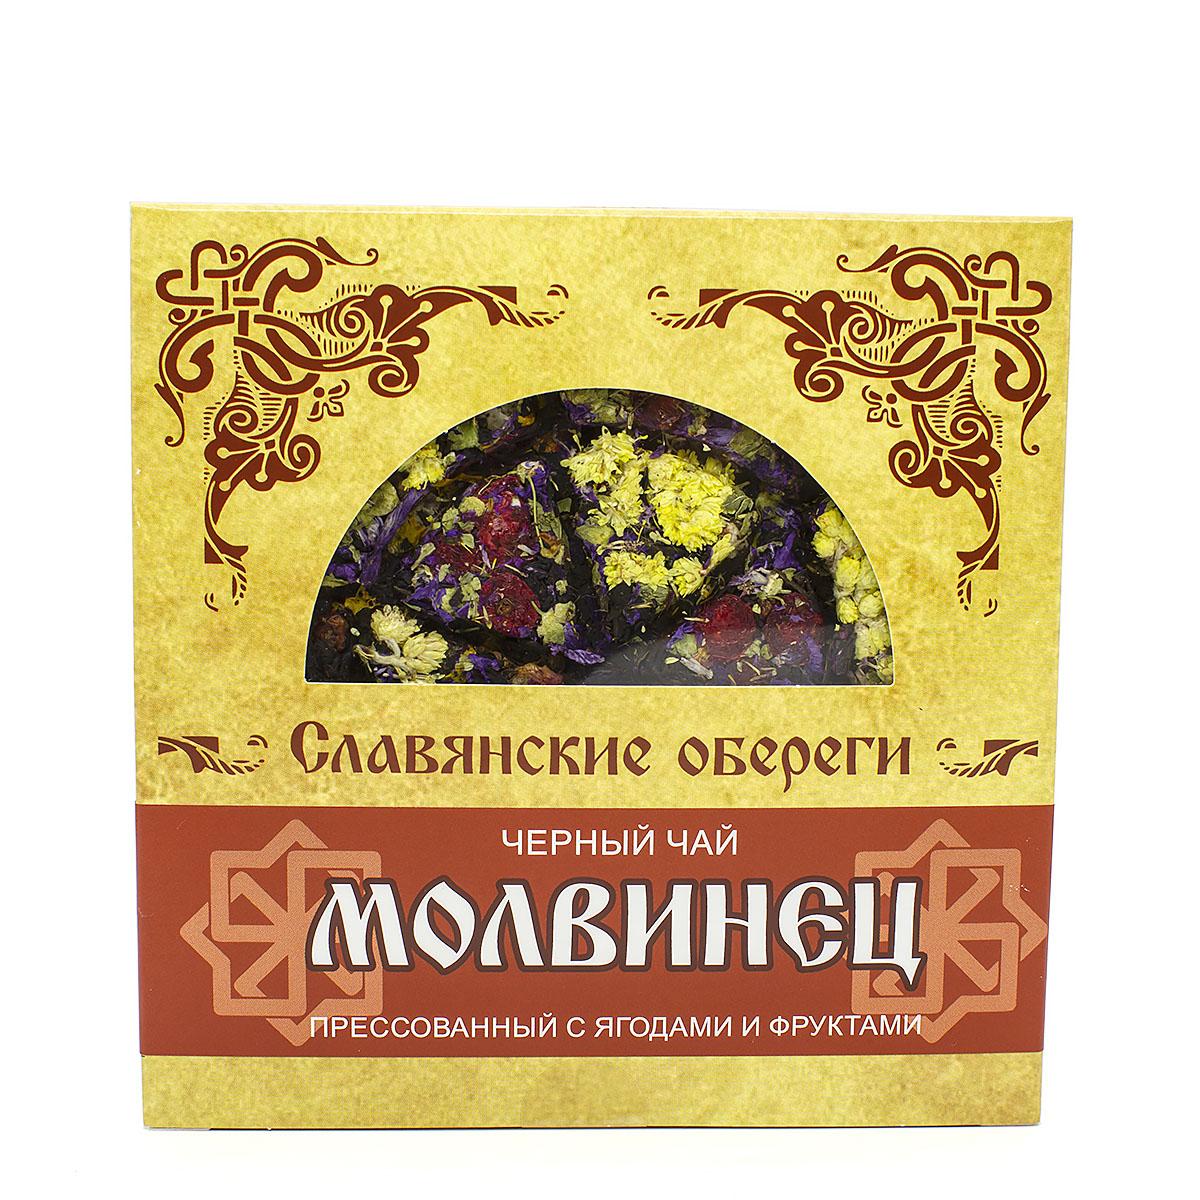 Чай чёрный Молвинец, прессованный, блин, 125 г бессмертника песчаного цветки 30 г красногорск